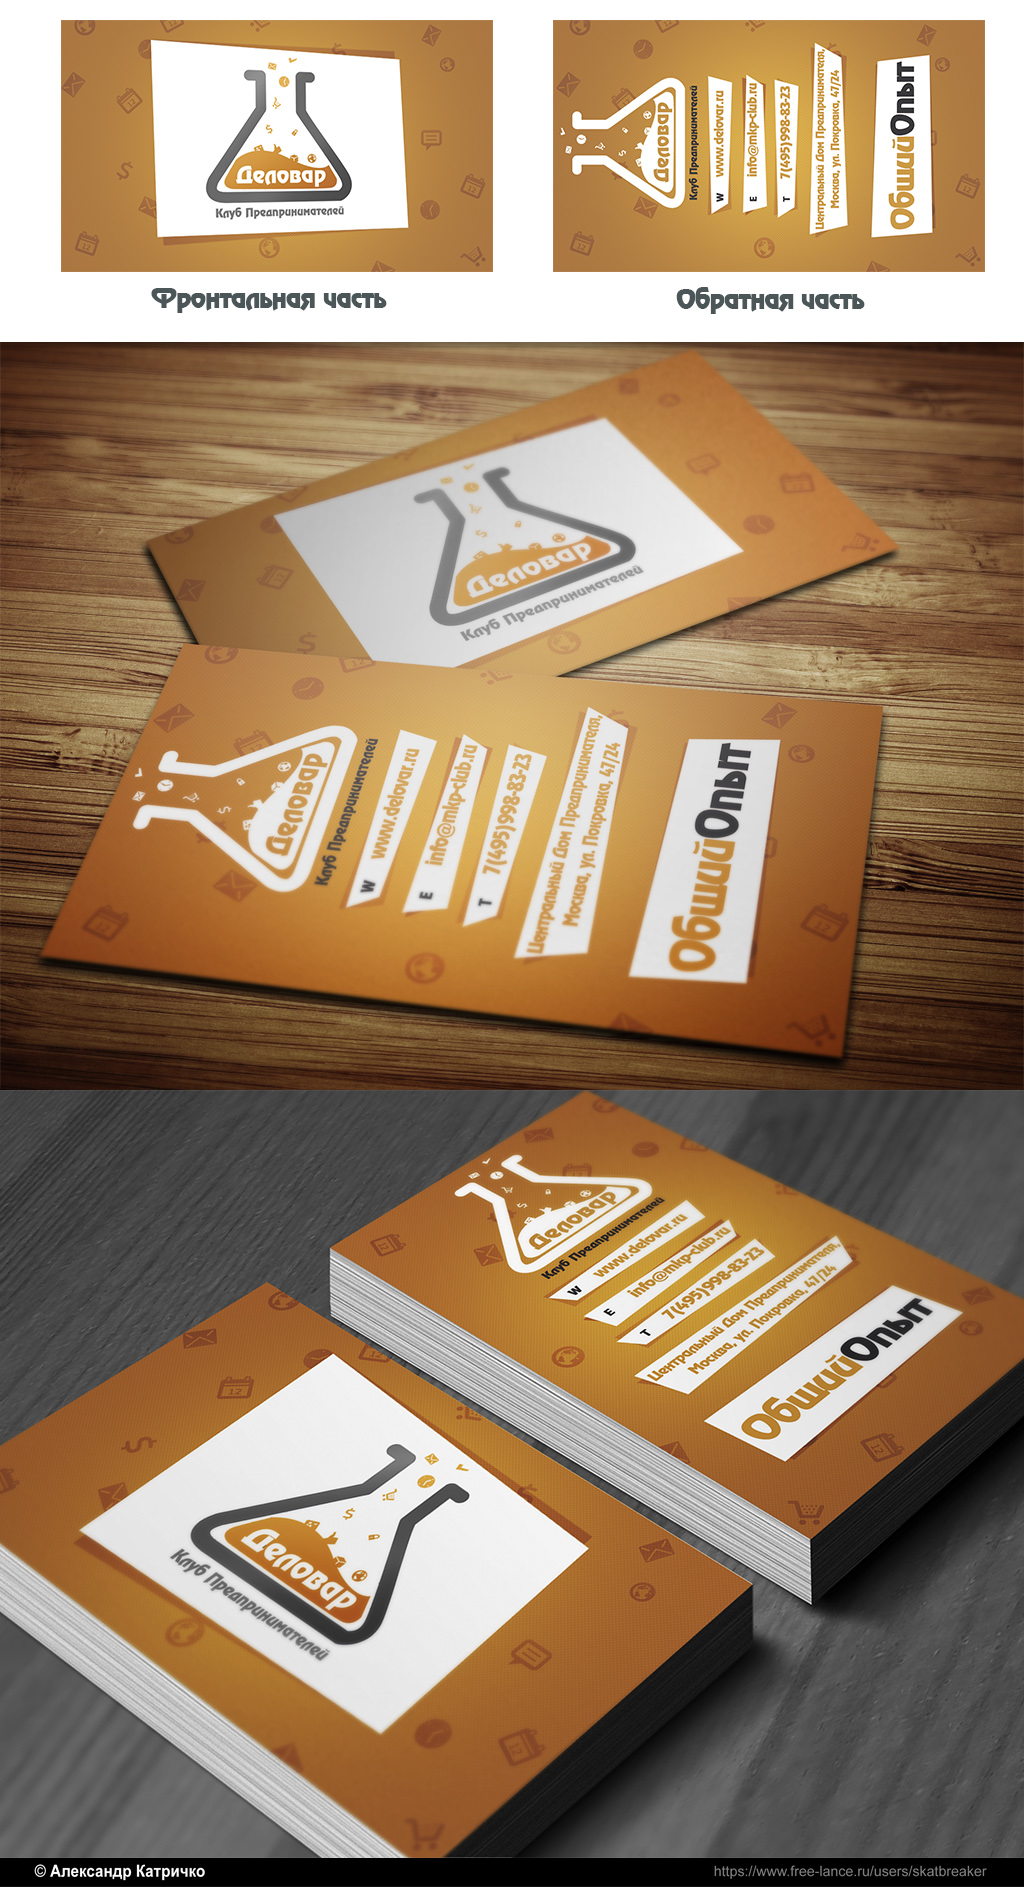 """Логотип и фирм. стиль для Клуба предпринимателей """"Деловар"""" фото f_5047c104a85d1.jpg"""